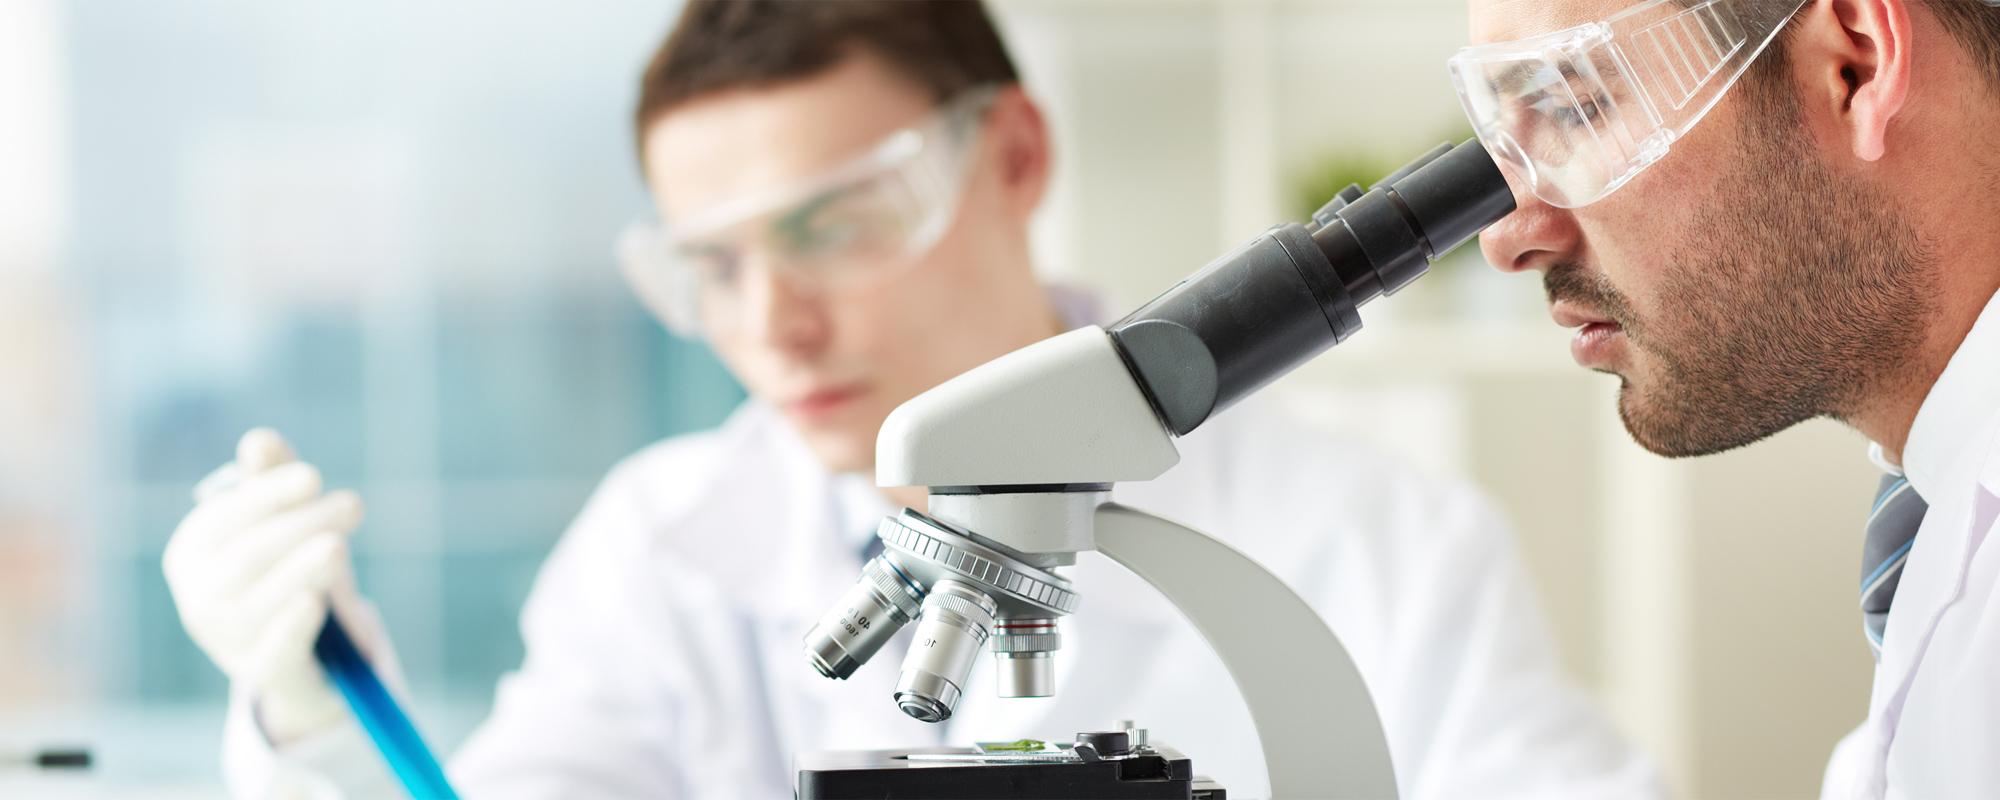 Καταξιωμένοι Ιατροί μέλη <span> αναγνωρισμένων επιστημονικών  </span> εταιριών